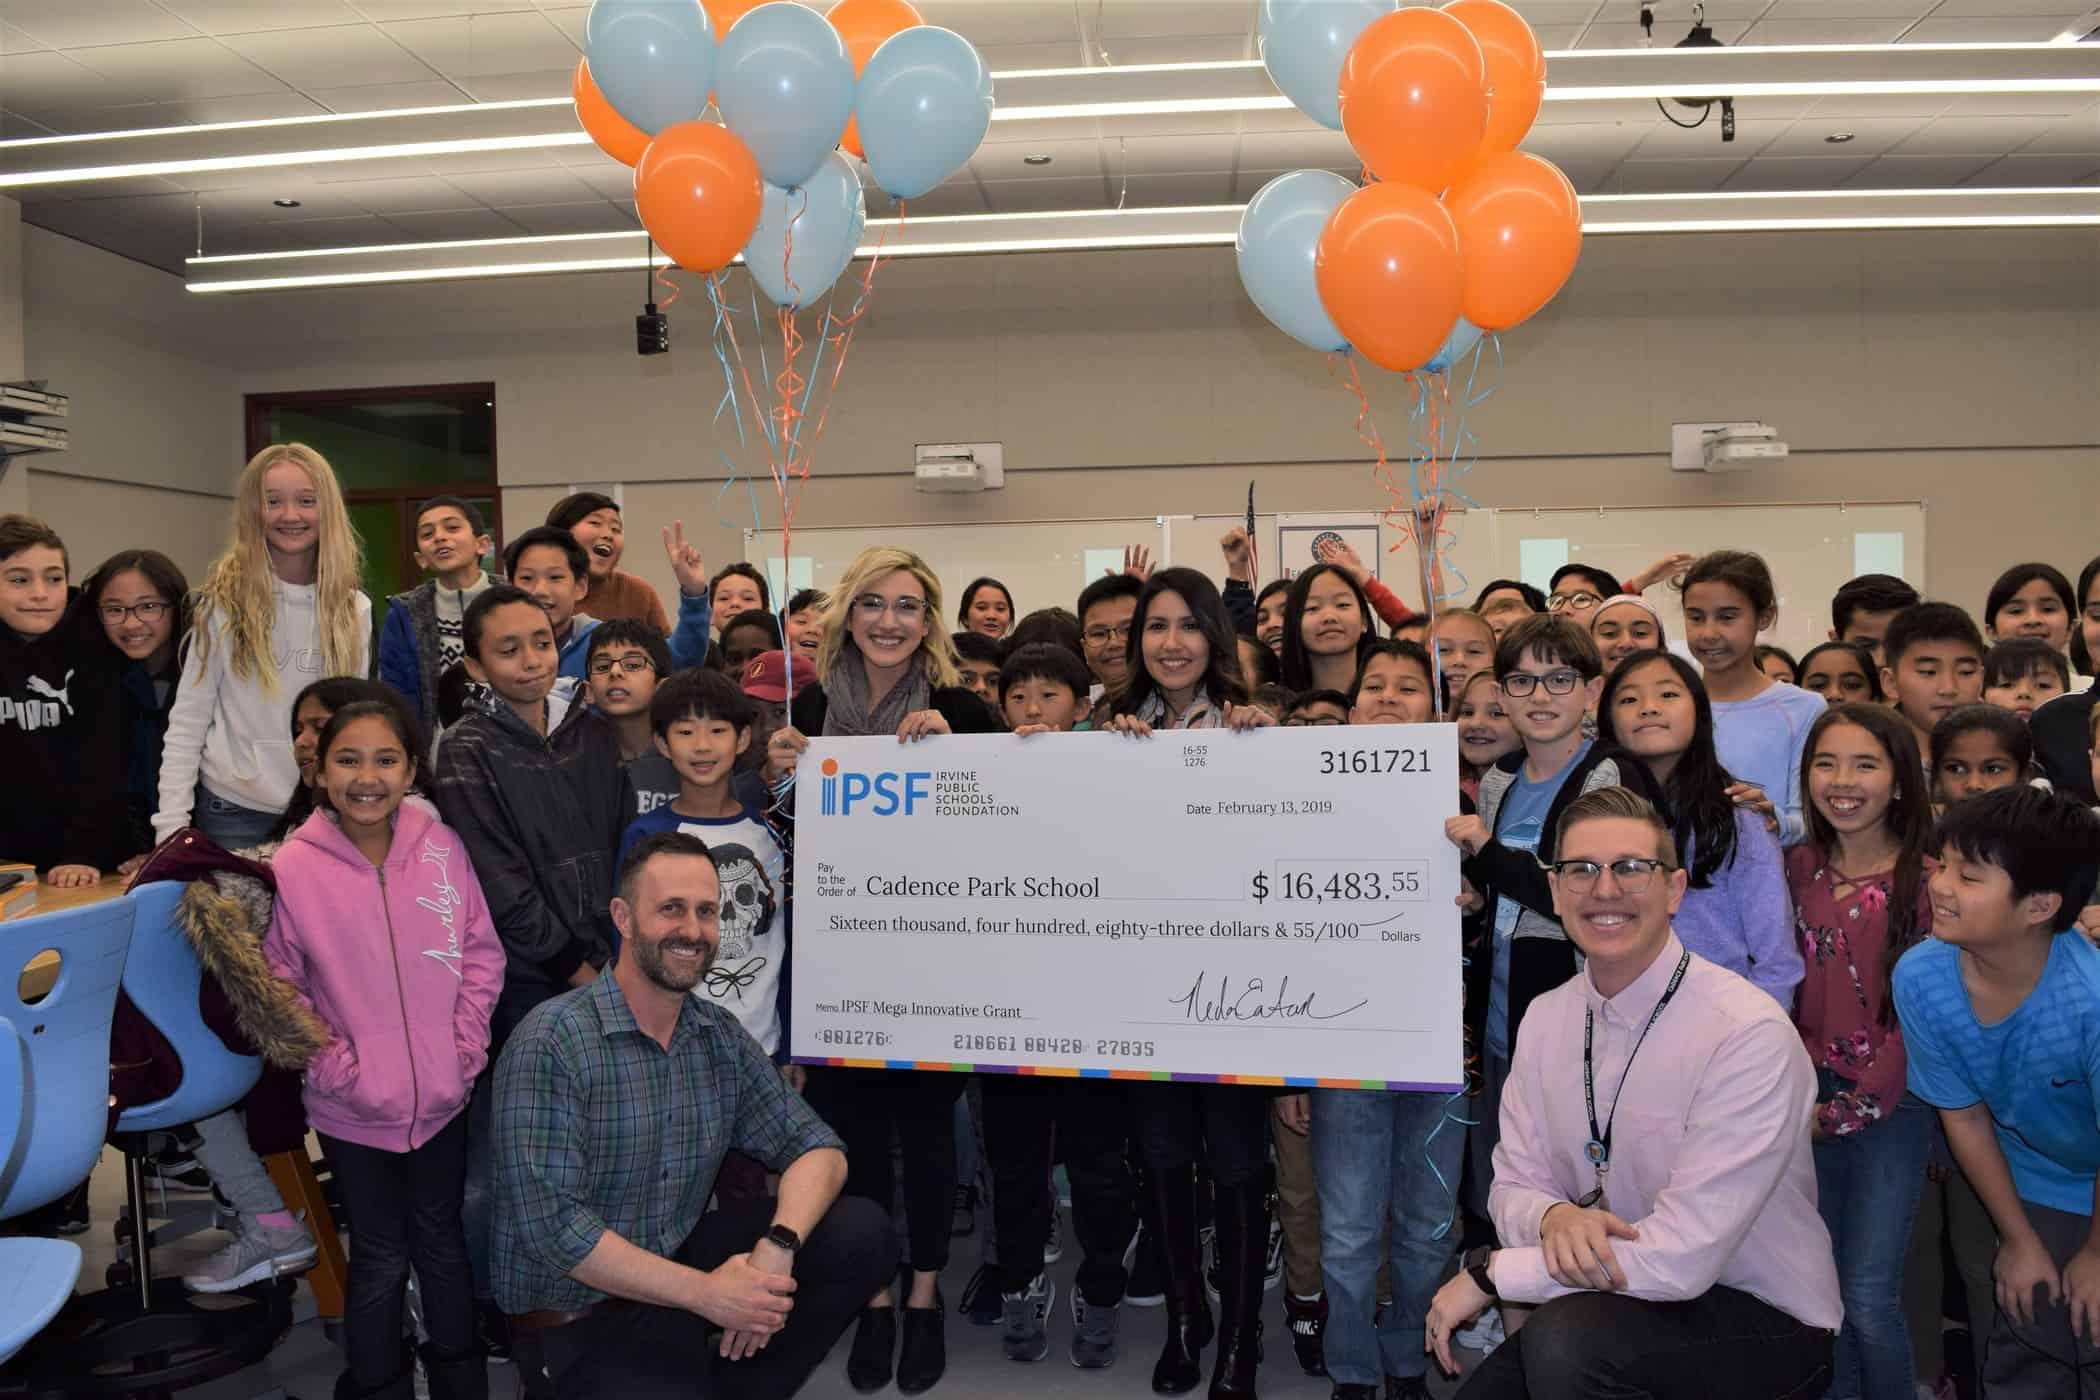 IPSF AWARDS $200,000 IN INNOVATIVE GRANTS